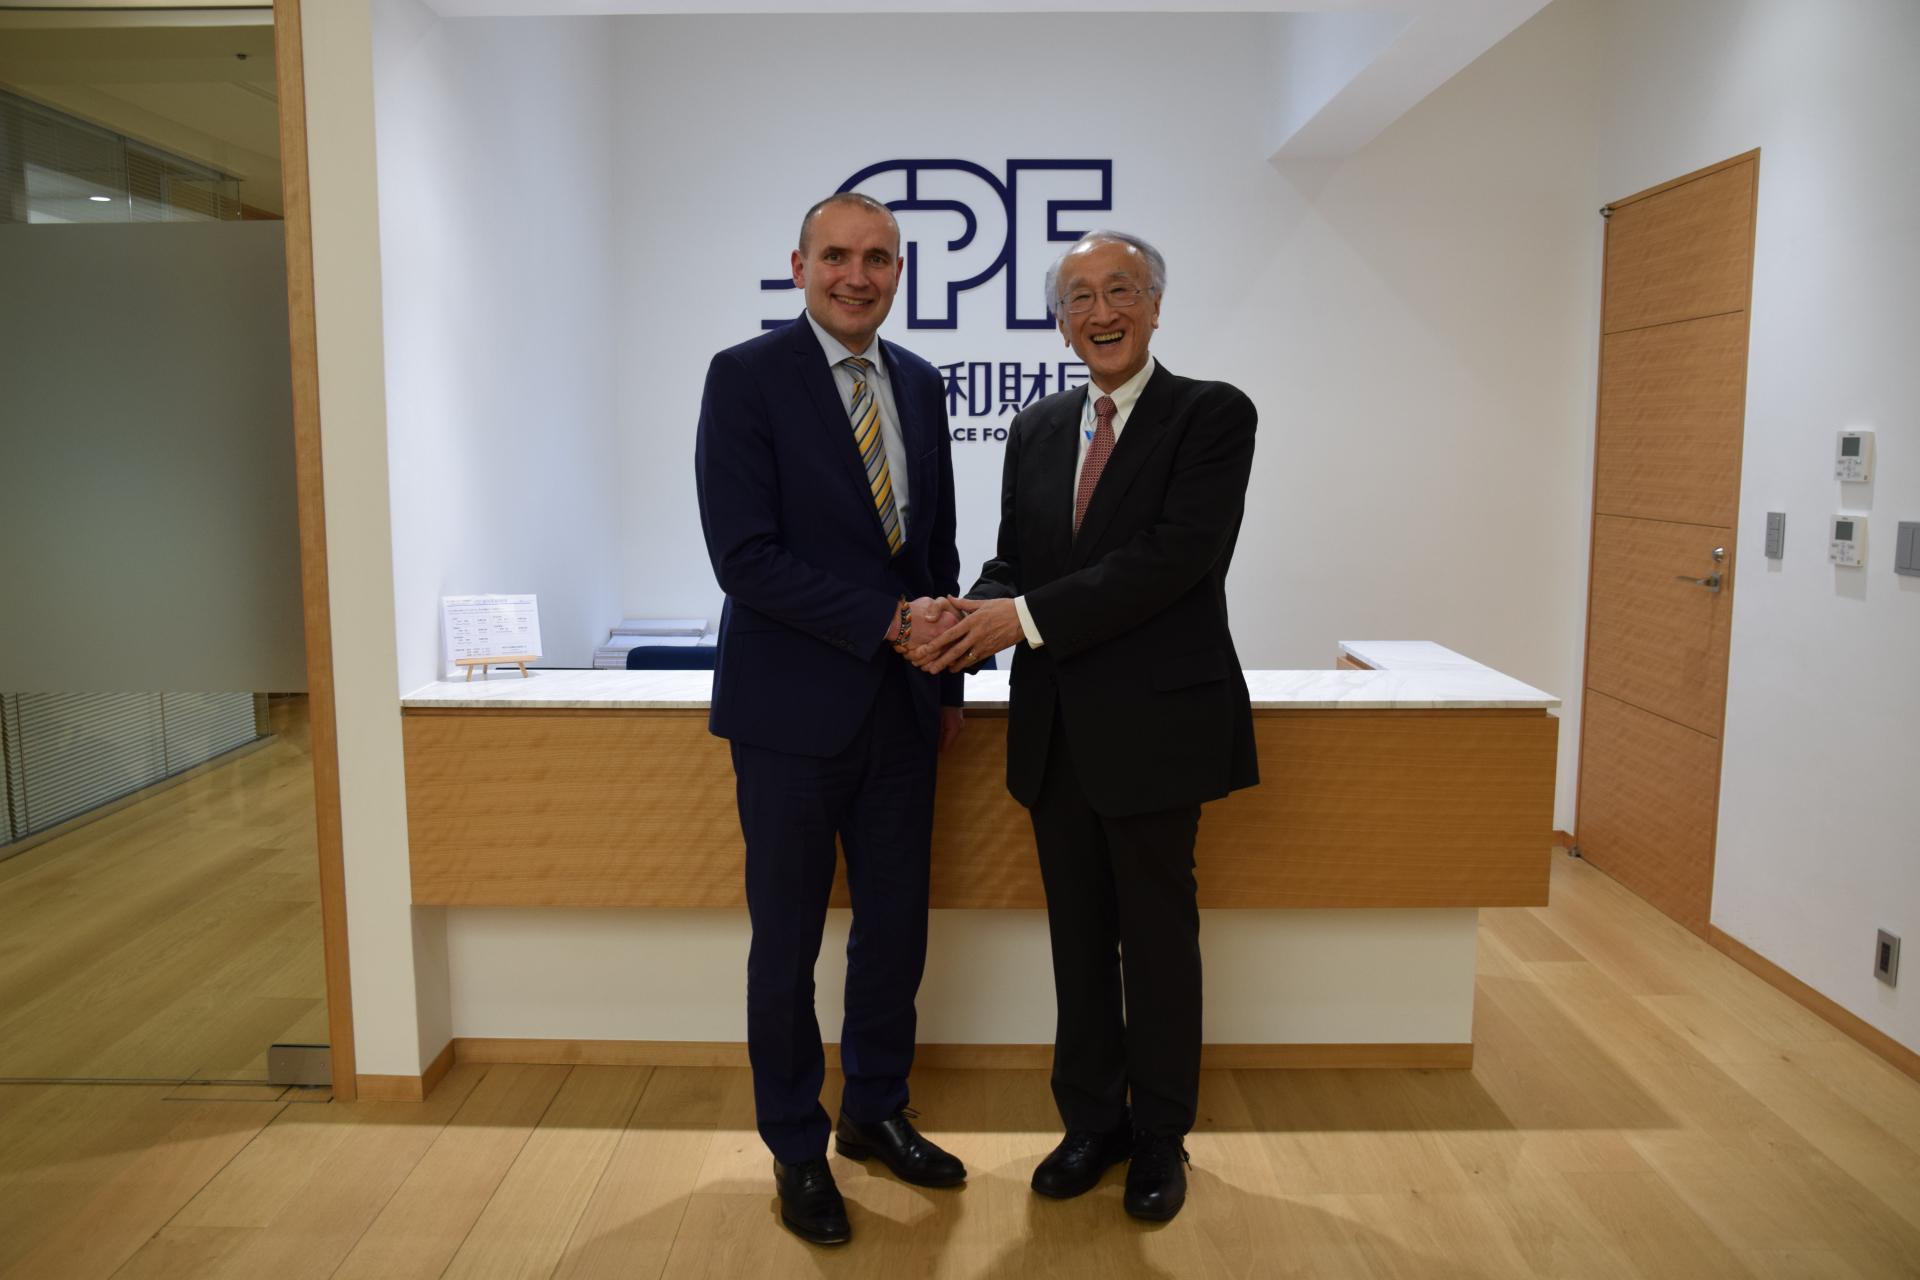 アイスランド共和国 グズニ・ヨハンネソン大統領の表敬訪問を受けました